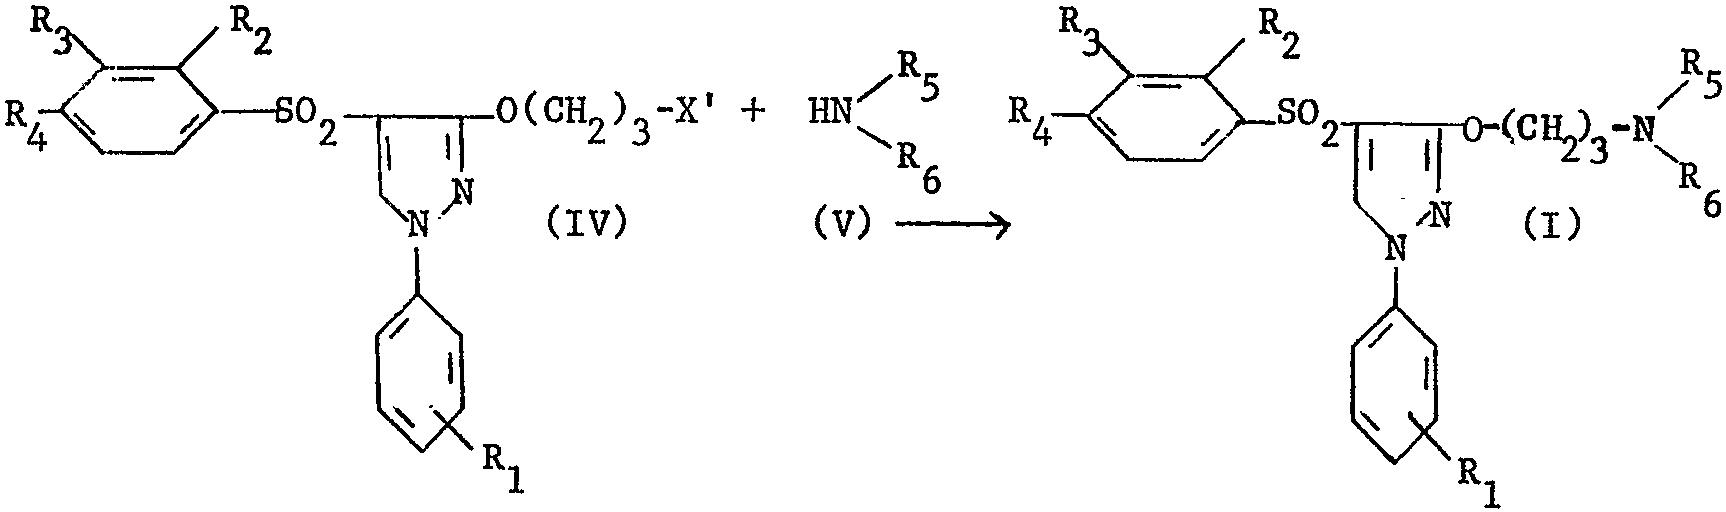 Figure img00030001